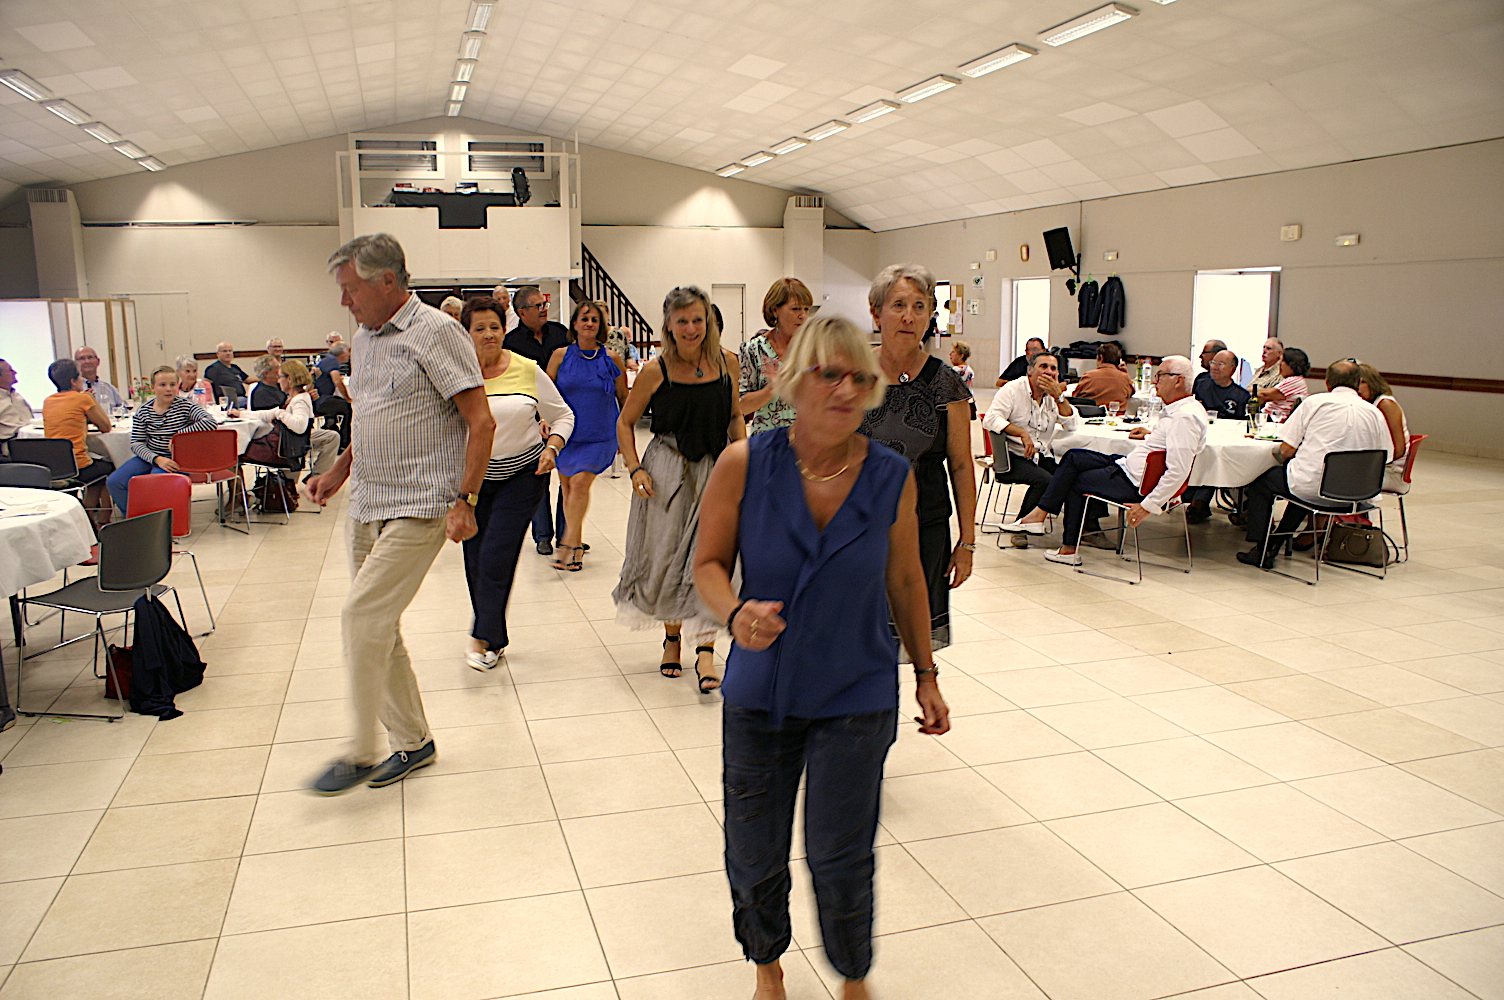 On danse 8